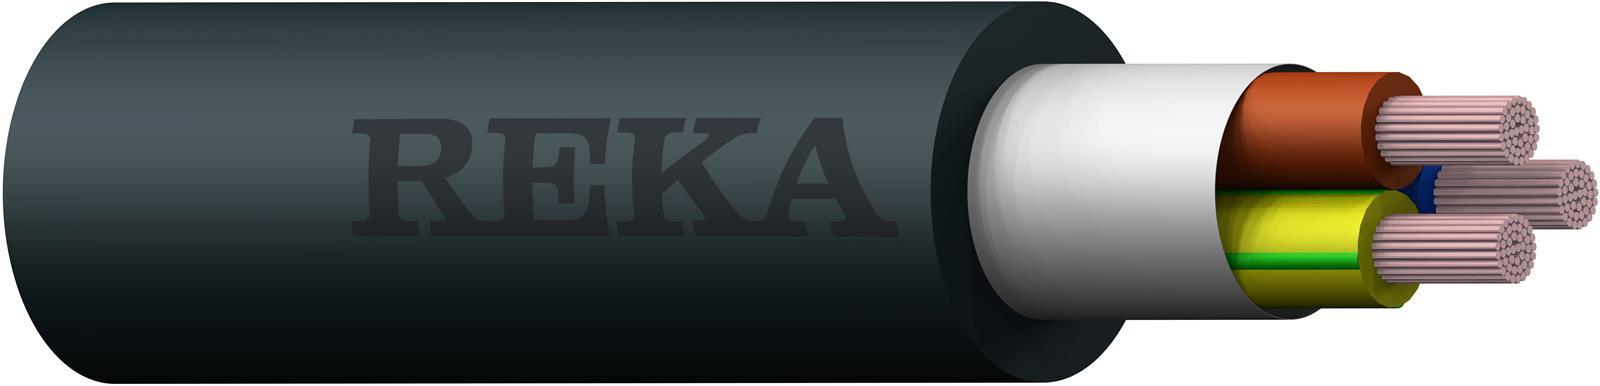 REKAFLEX 5G10 T500